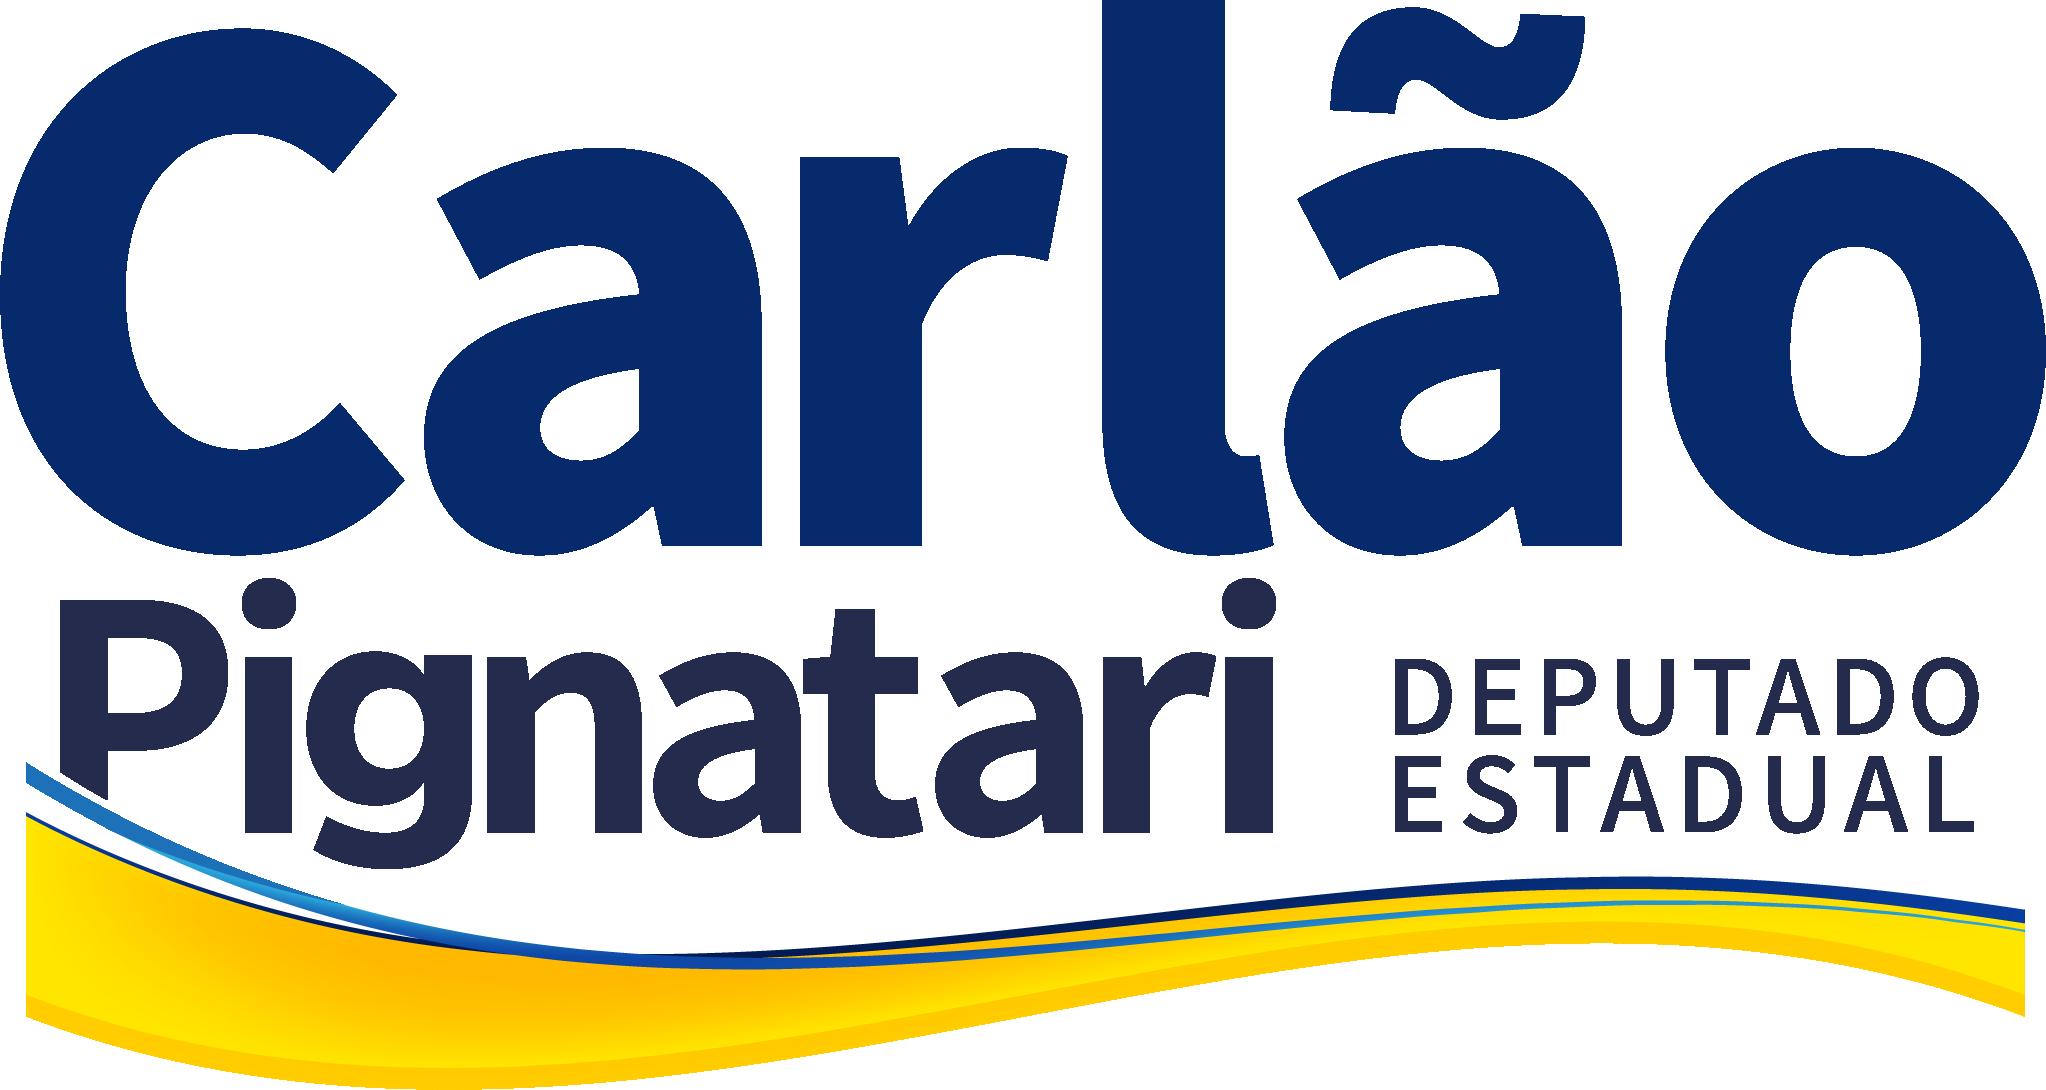 Carlão Pignatari